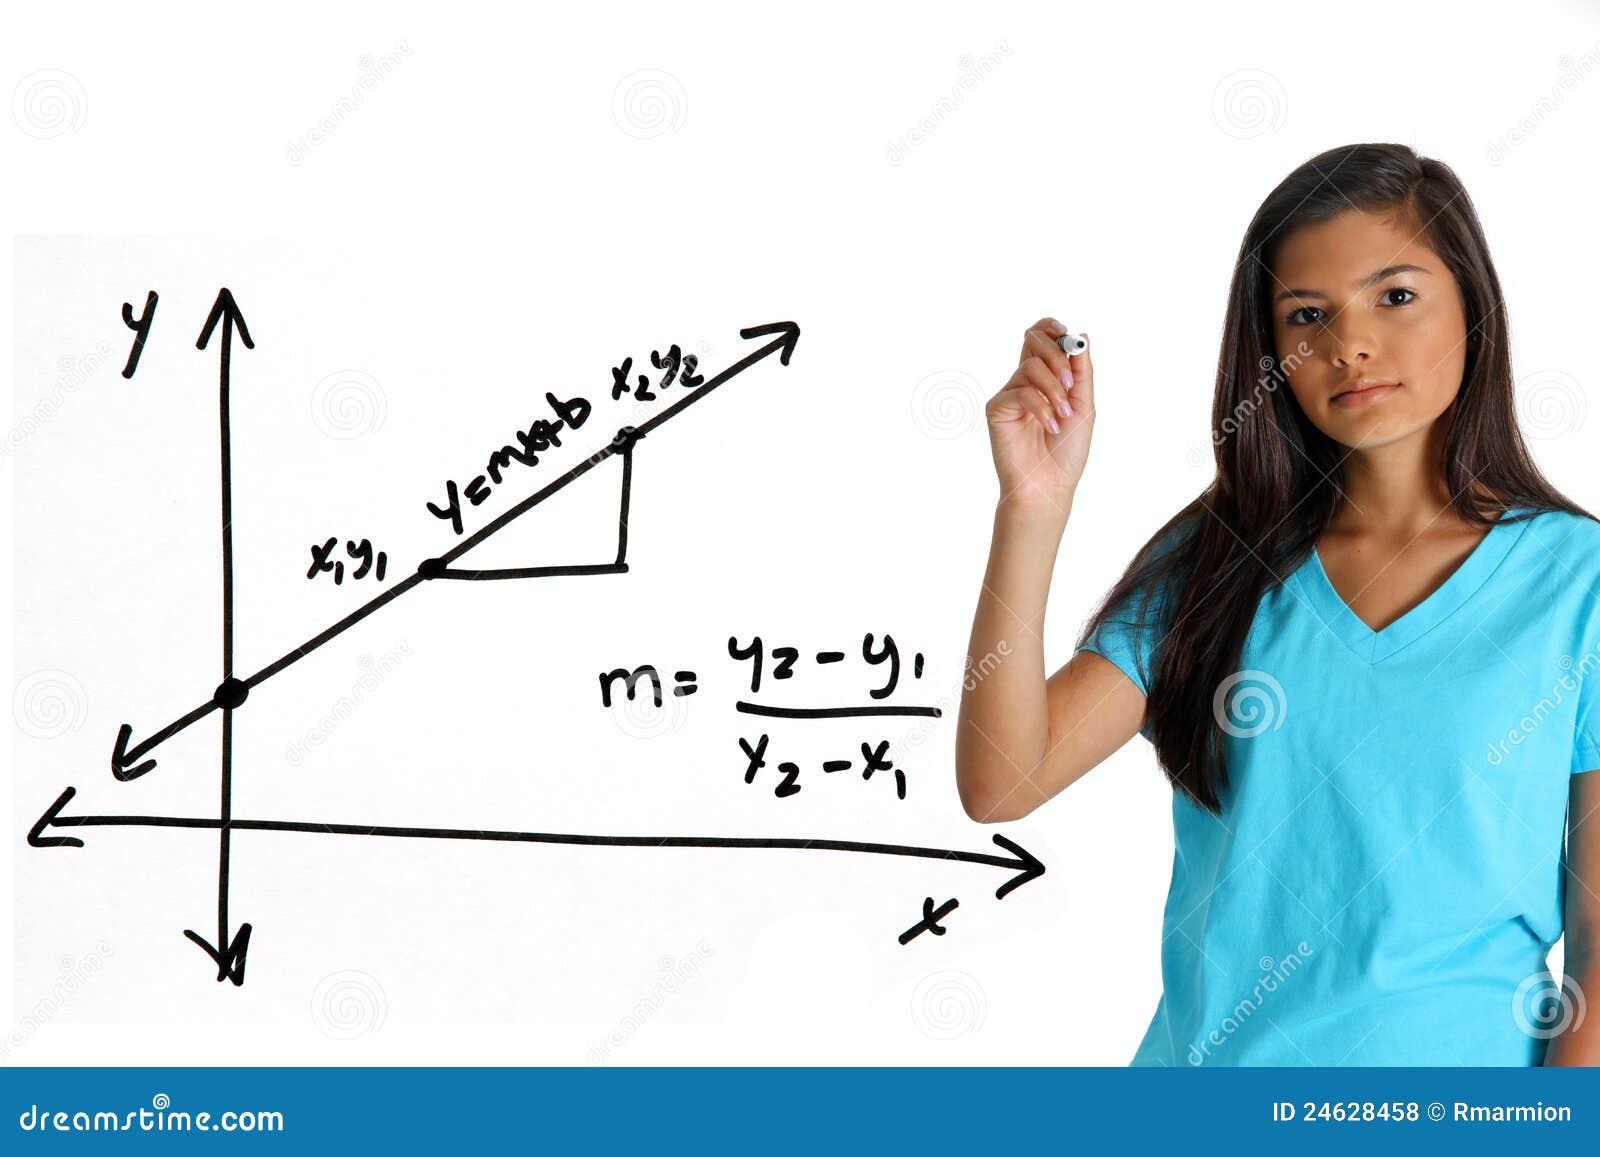 Math Student stock photo. Image of equation, female, writing - 24628458